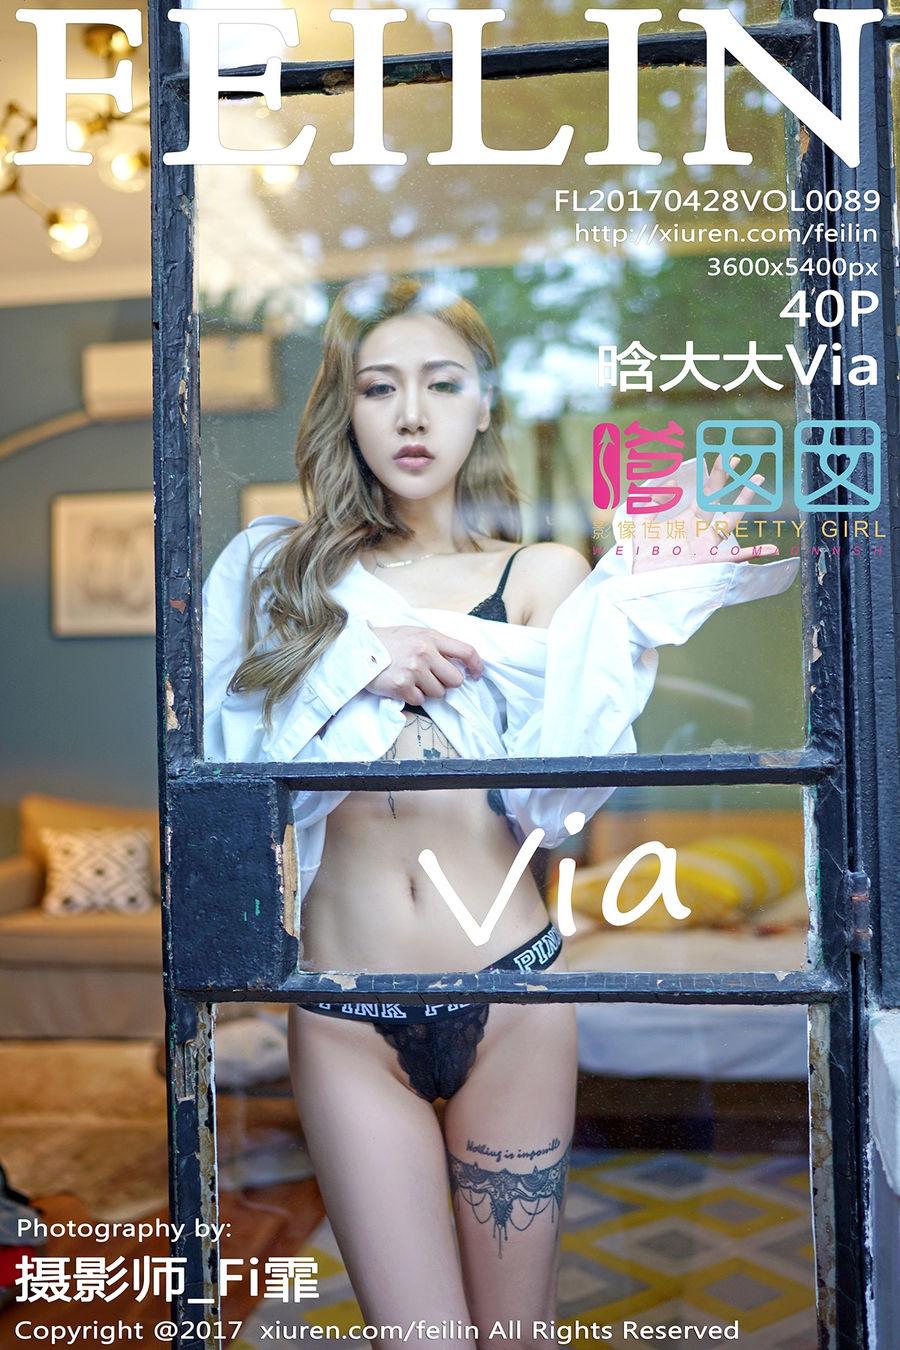 [FEILIN嗲囡囡] VOL.089 晗大大Via [40+1P/159M]